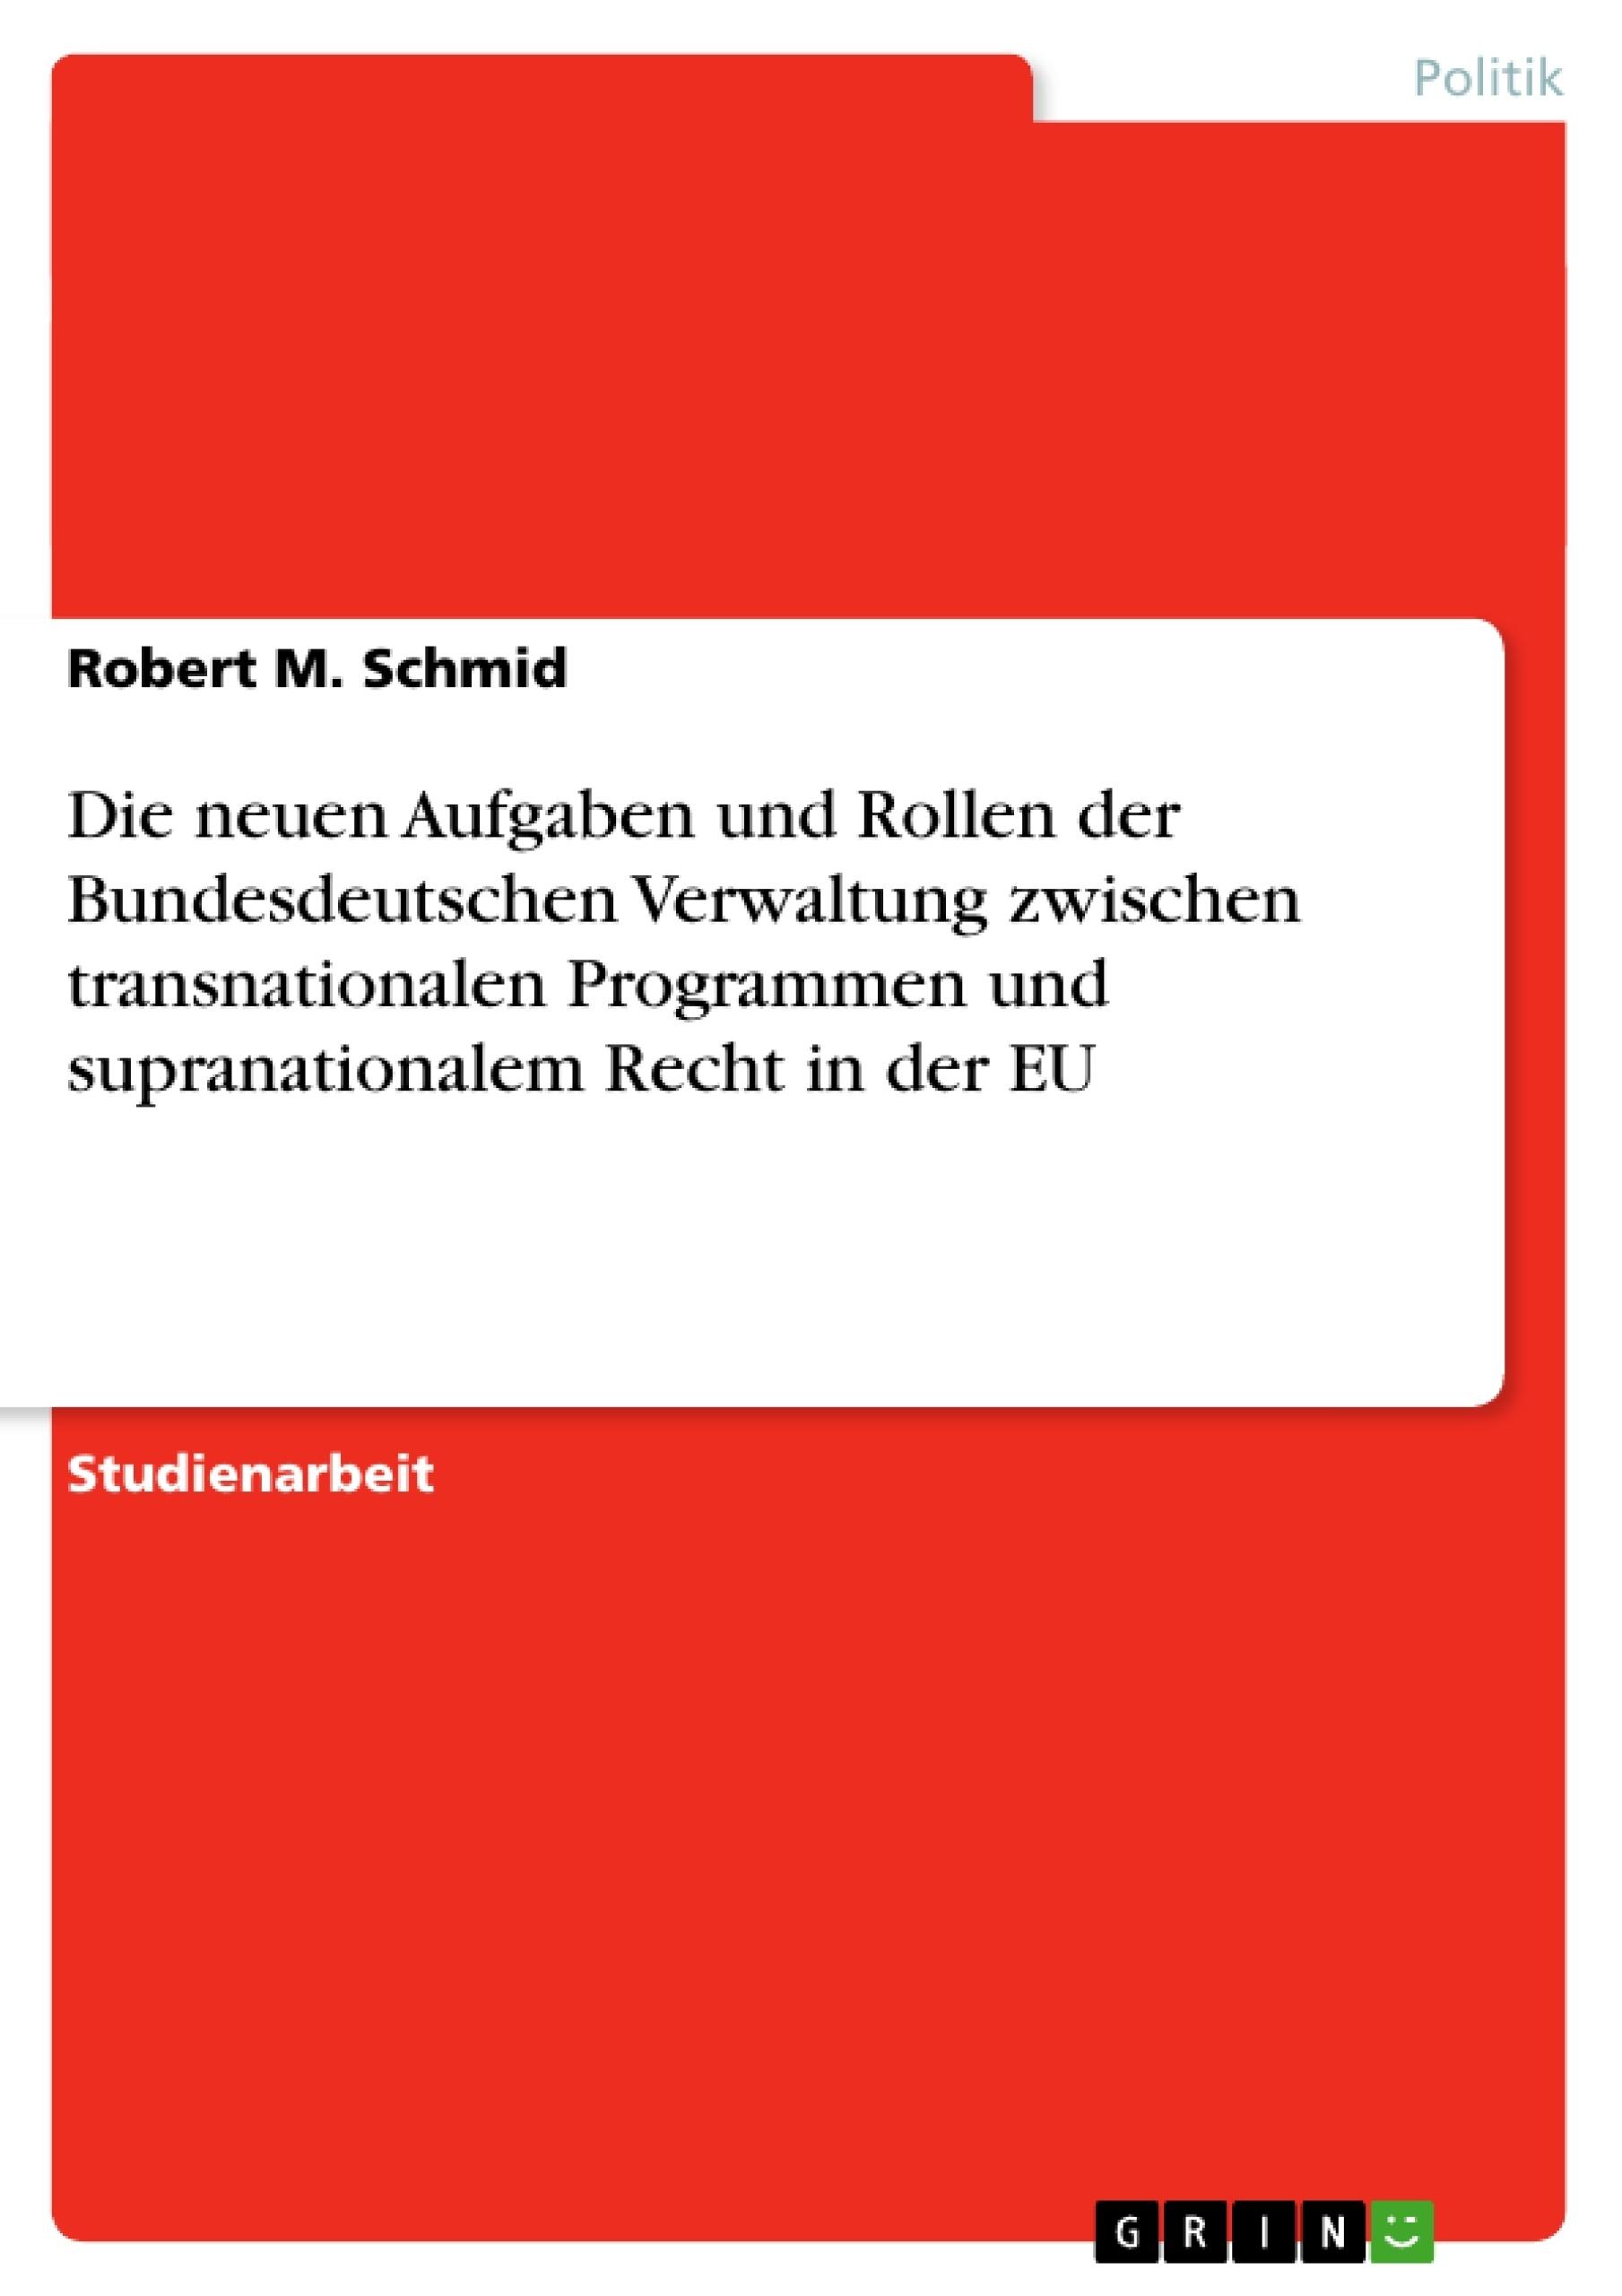 Titel: Die neuen Aufgaben und Rollen der  Bundesdeutschen Verwaltung zwischen transnationalen Programmen und supranationalem Recht in der EU